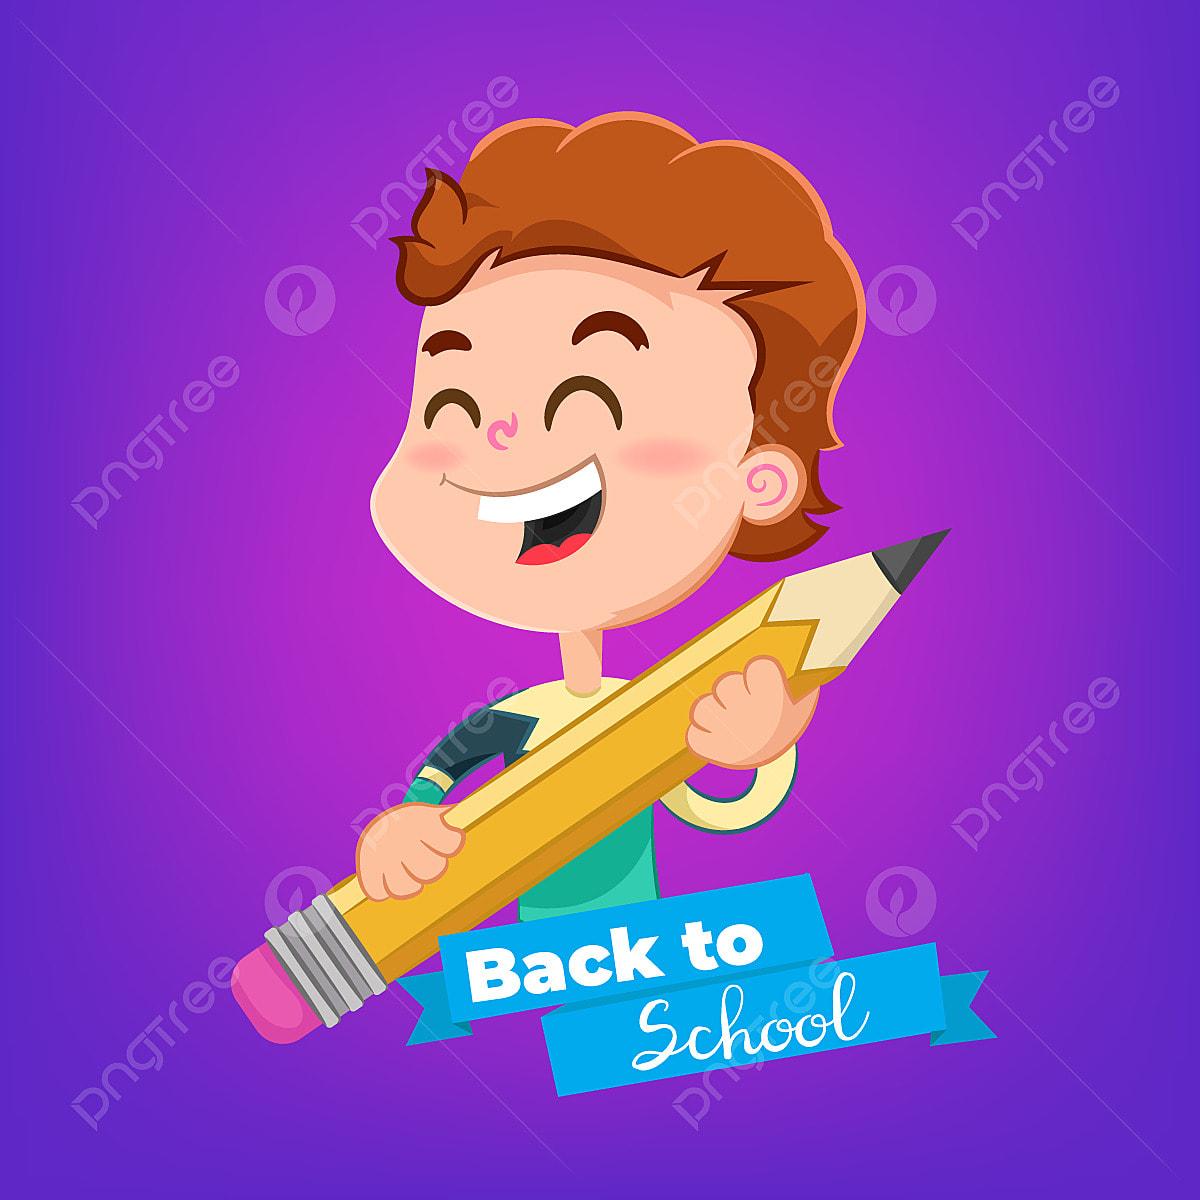 Kartun Anak Laki Laki Dengan Pensil Topik Kembali Ke Sekolah